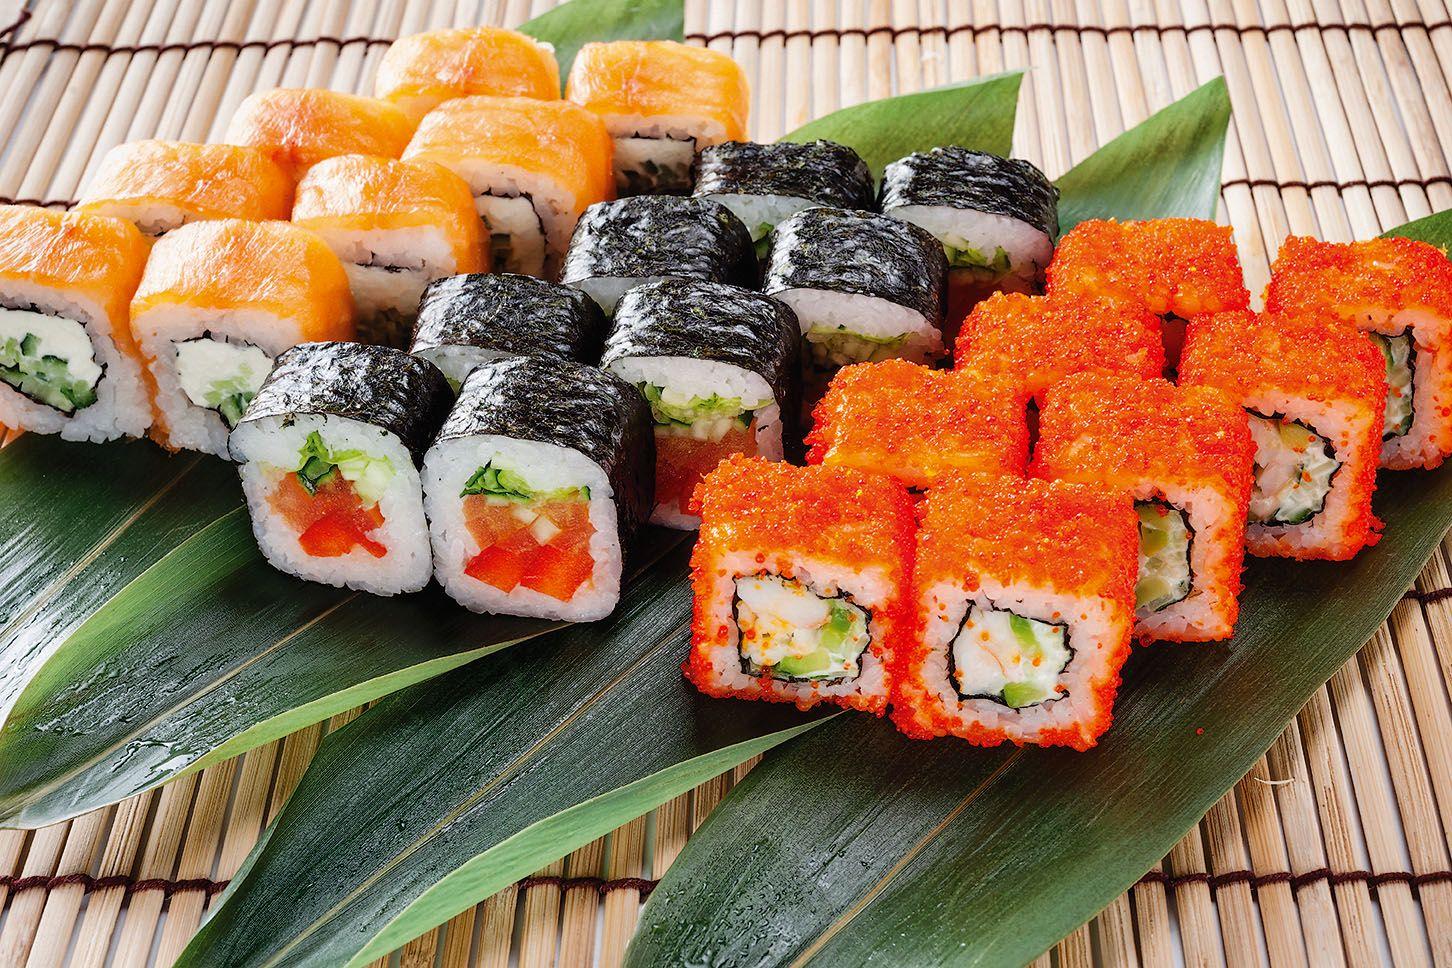 вкусных виды суши и роллов фото сказать